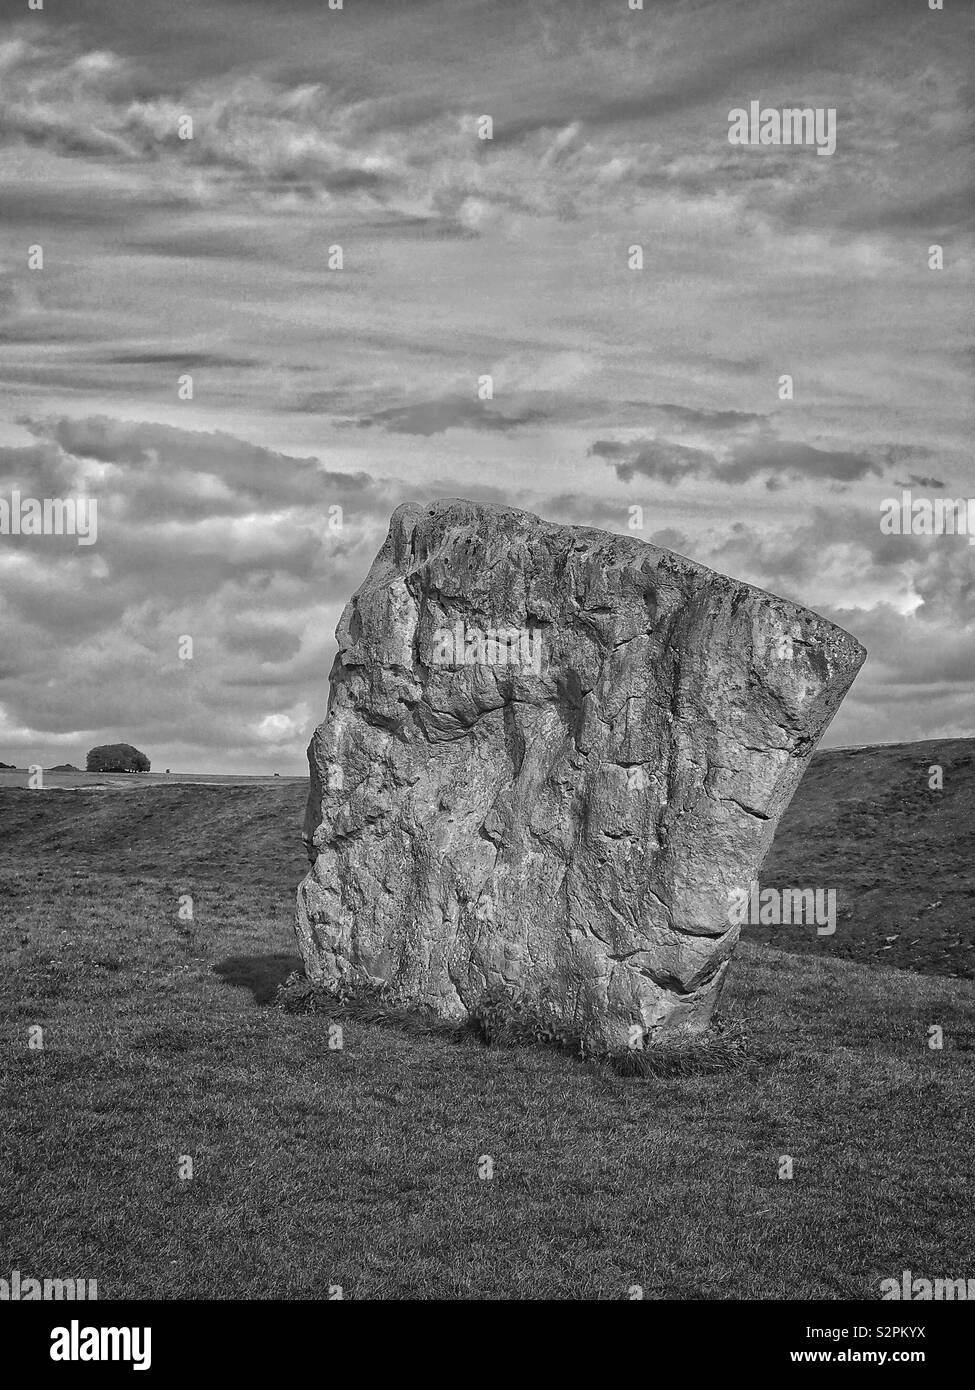 Einer der grossen Steine, die als Teil der südöstlichen Abschnitt des Avebury Stone Circle - in der Nähe von Marlborough in Wiltshire, England. Avebury ist der weltweit größte Steinkreis. Foto © CH. Stockbild